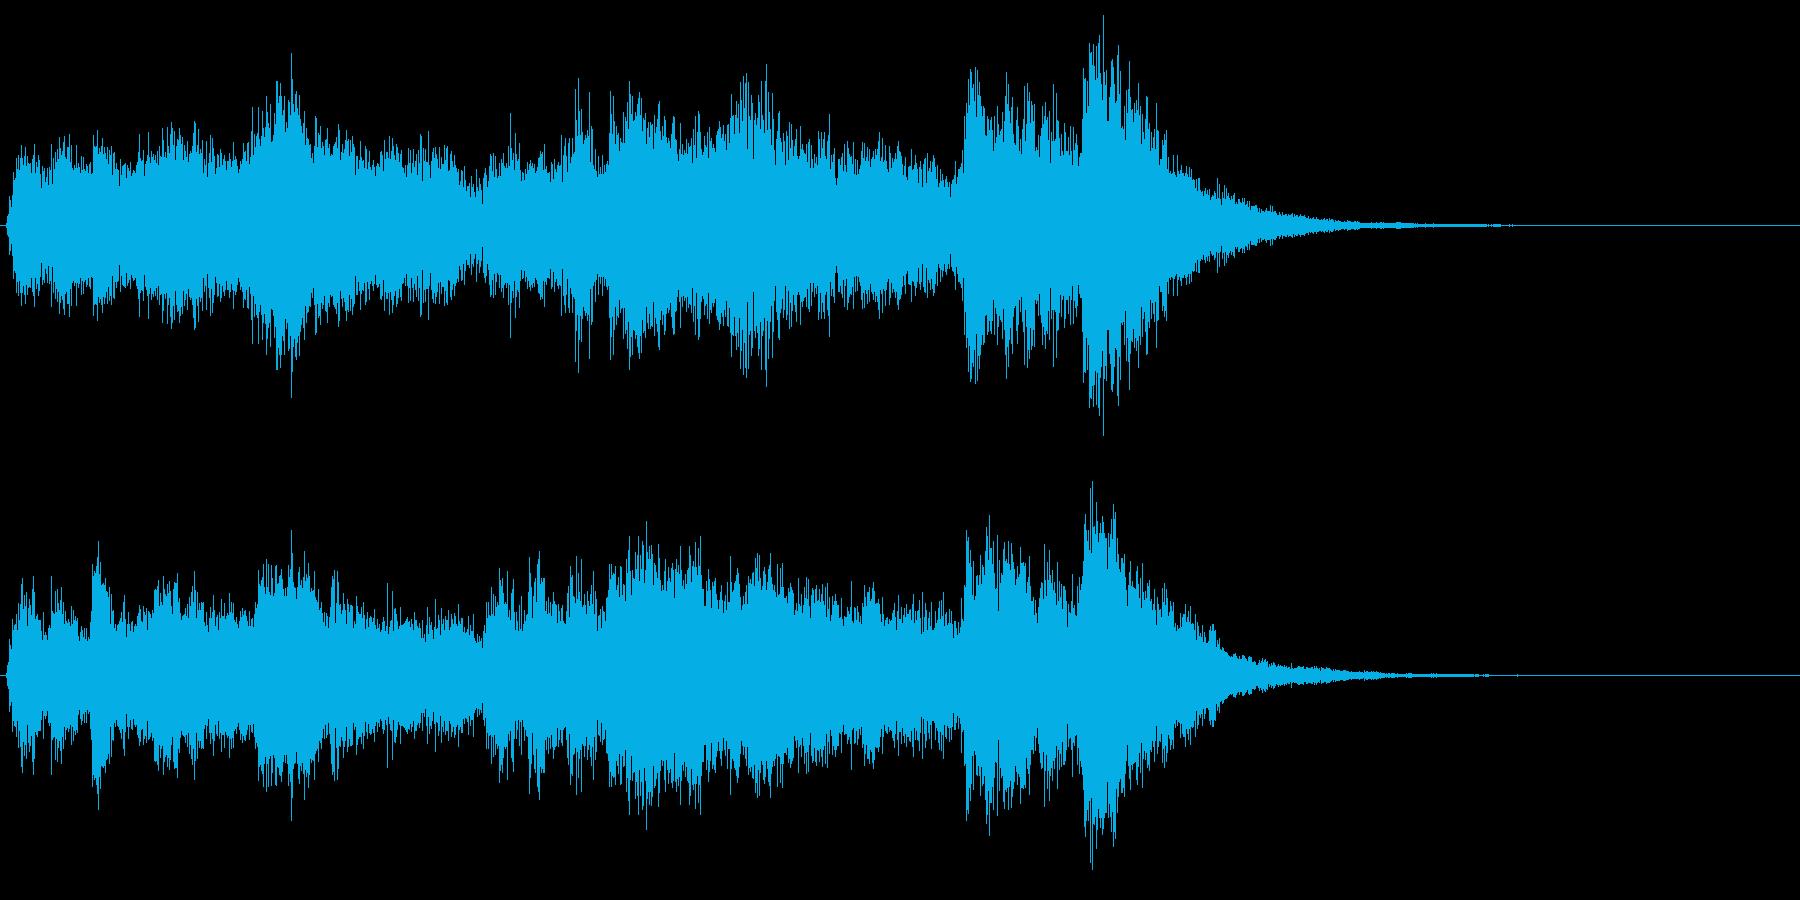 Tp3本、Tb2本によるファンファーレの再生済みの波形